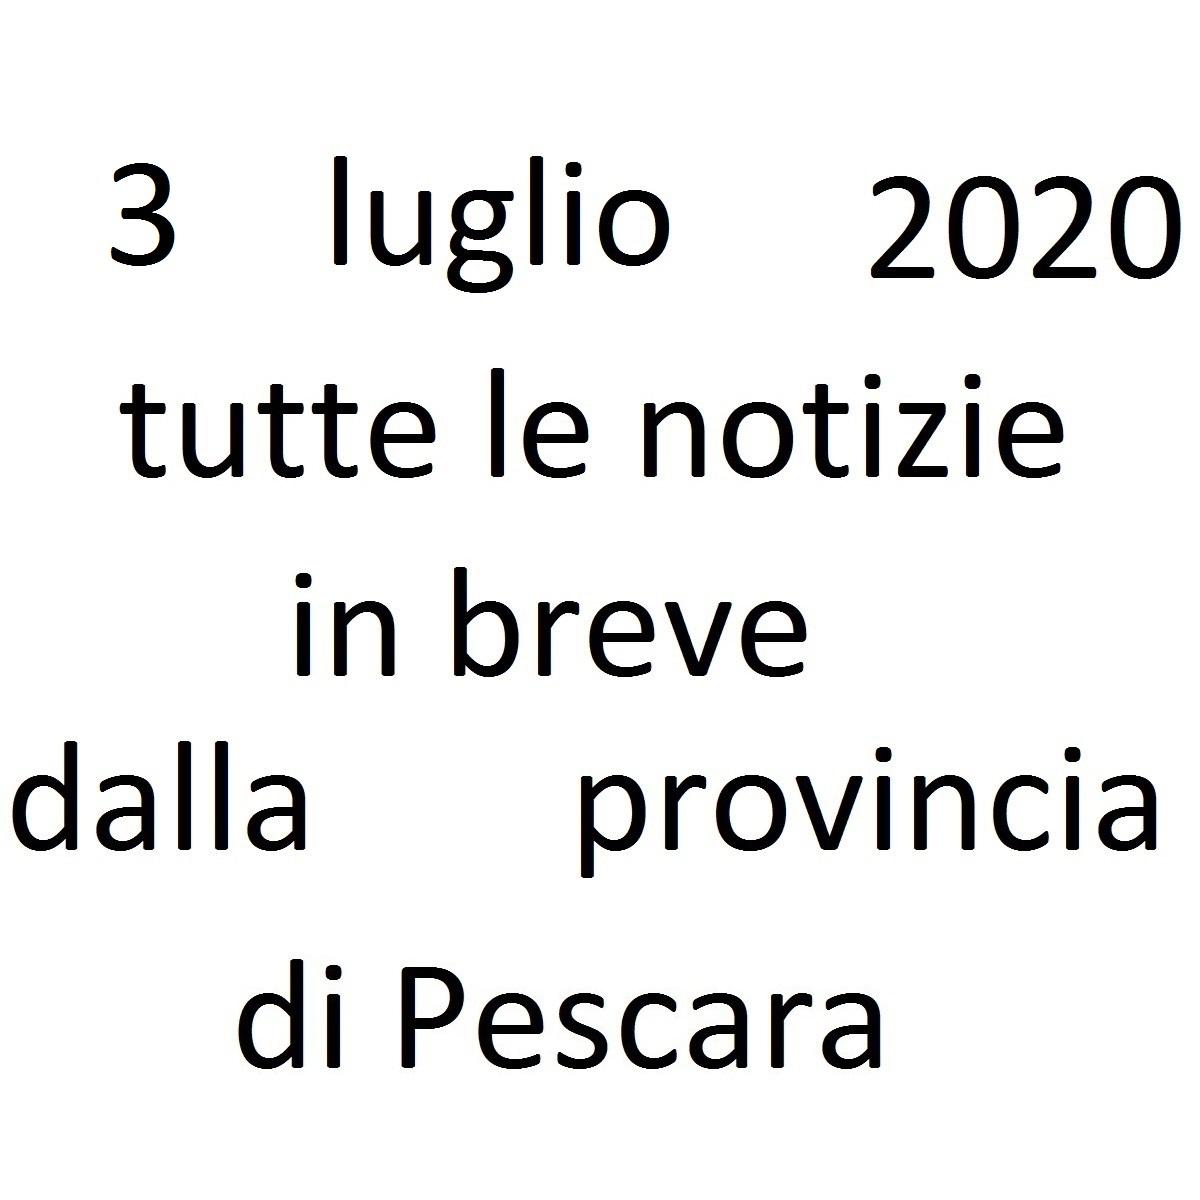 3 luglio 2020 notizie in breve dalla Provincia di Pescara foto